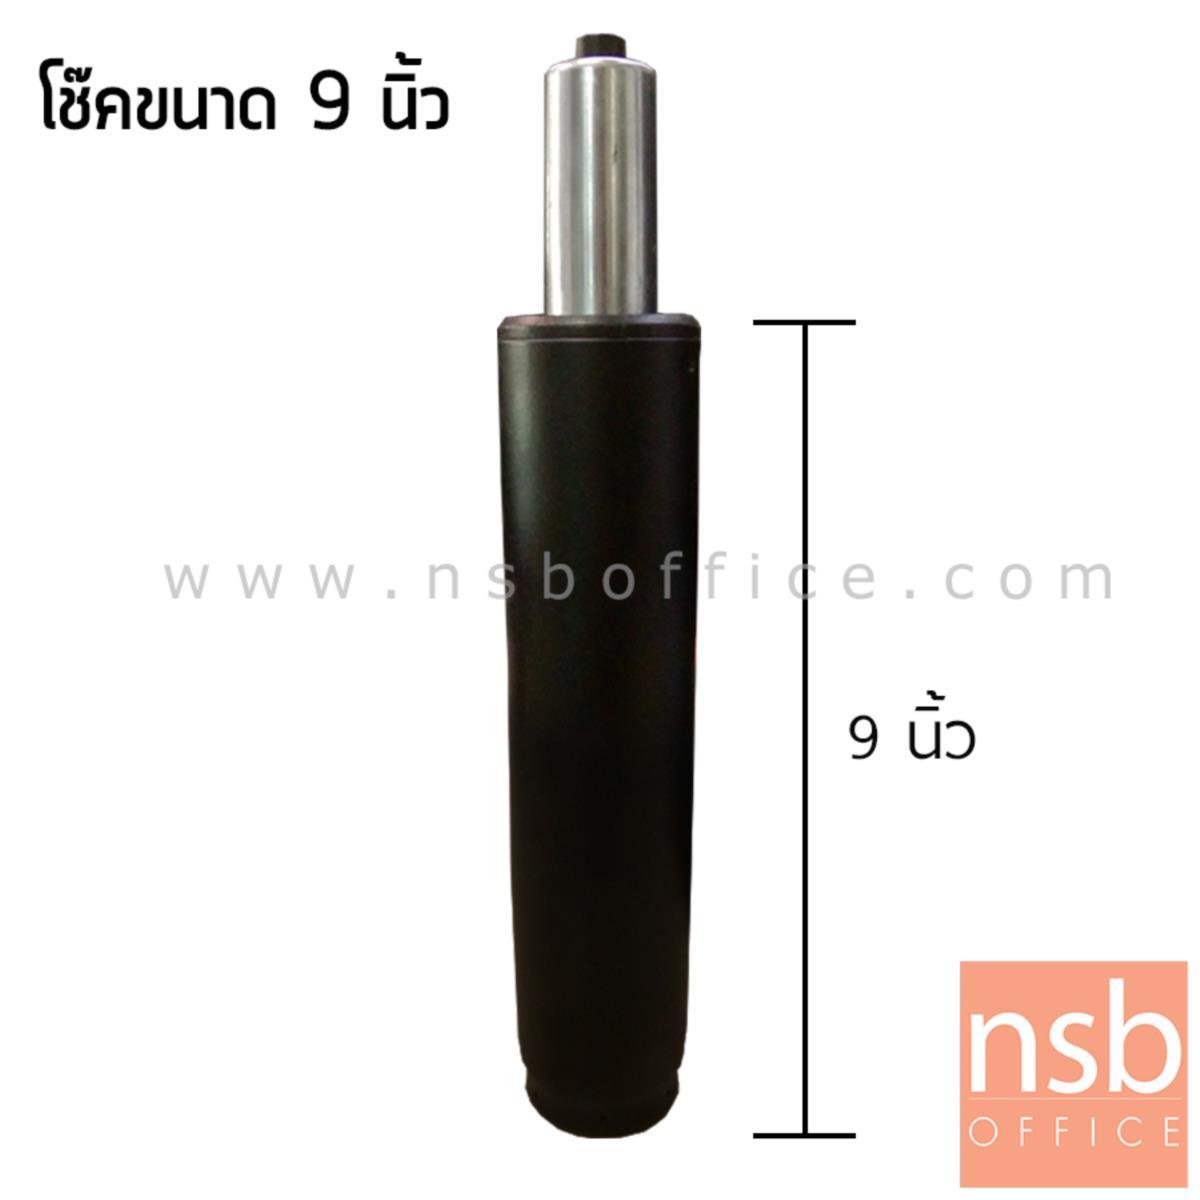 B27A055:โช๊คแก๊สเก้าอี้บาร์สูง  ขนาด 9, 10.5, 12 และ 14 นิ้ว สำหรับเก้าอี้บาร์สูงหรือเก้าอี้เขียนแบบ